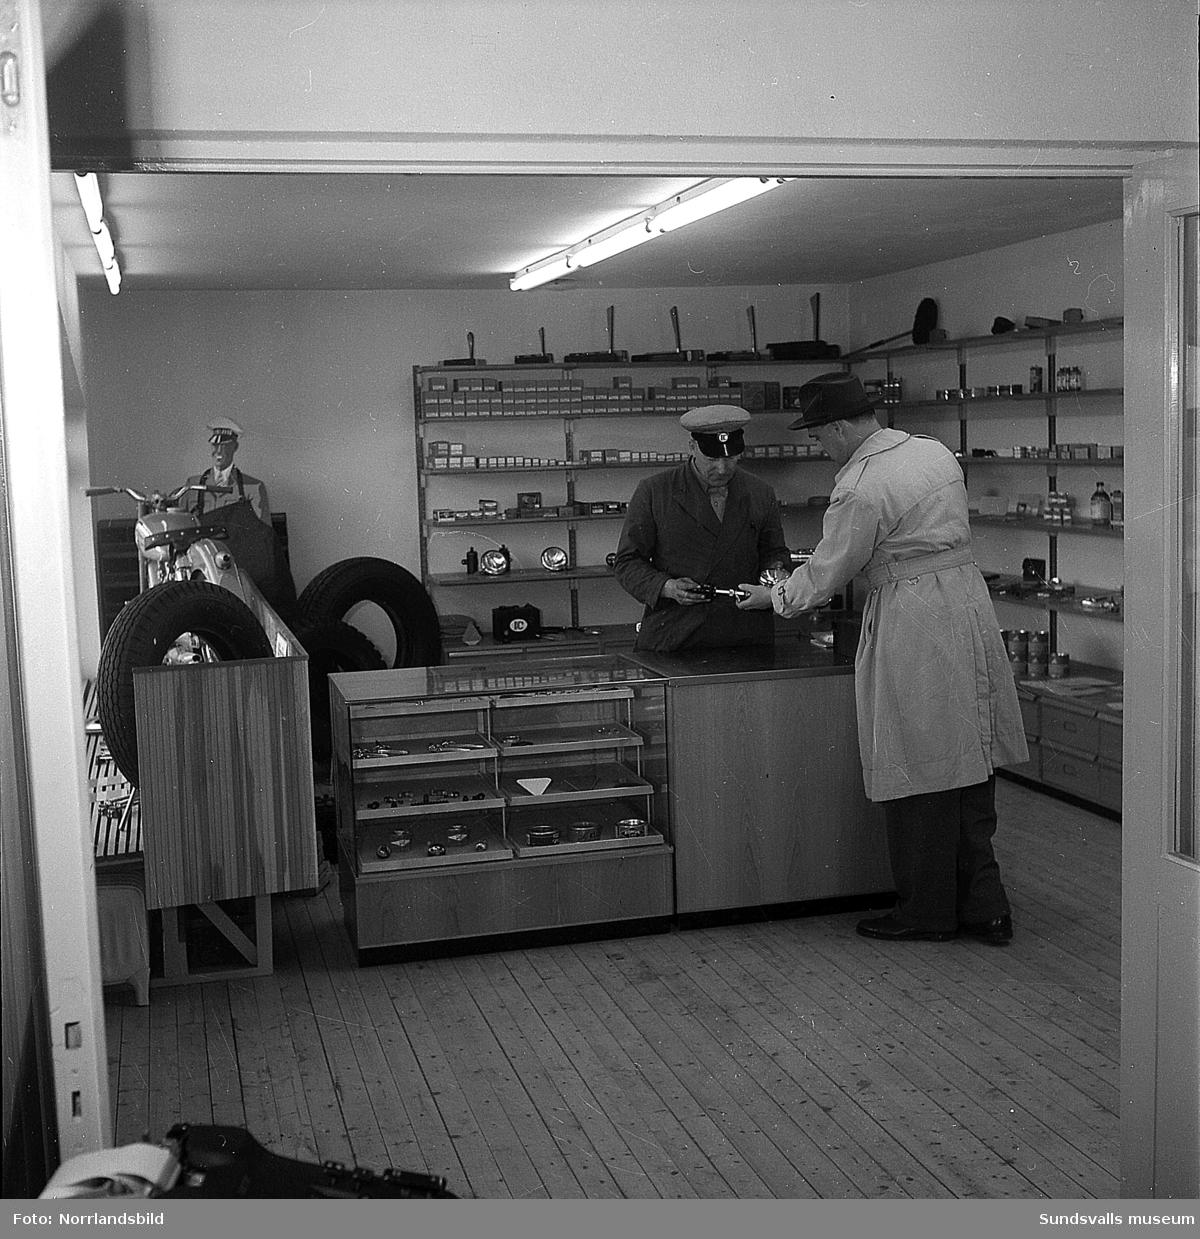 IC Motell i Kvissleby (OK) var Sveriges första motell, startades 1952. Bilder från butik, verkstad och exteriörbilder.